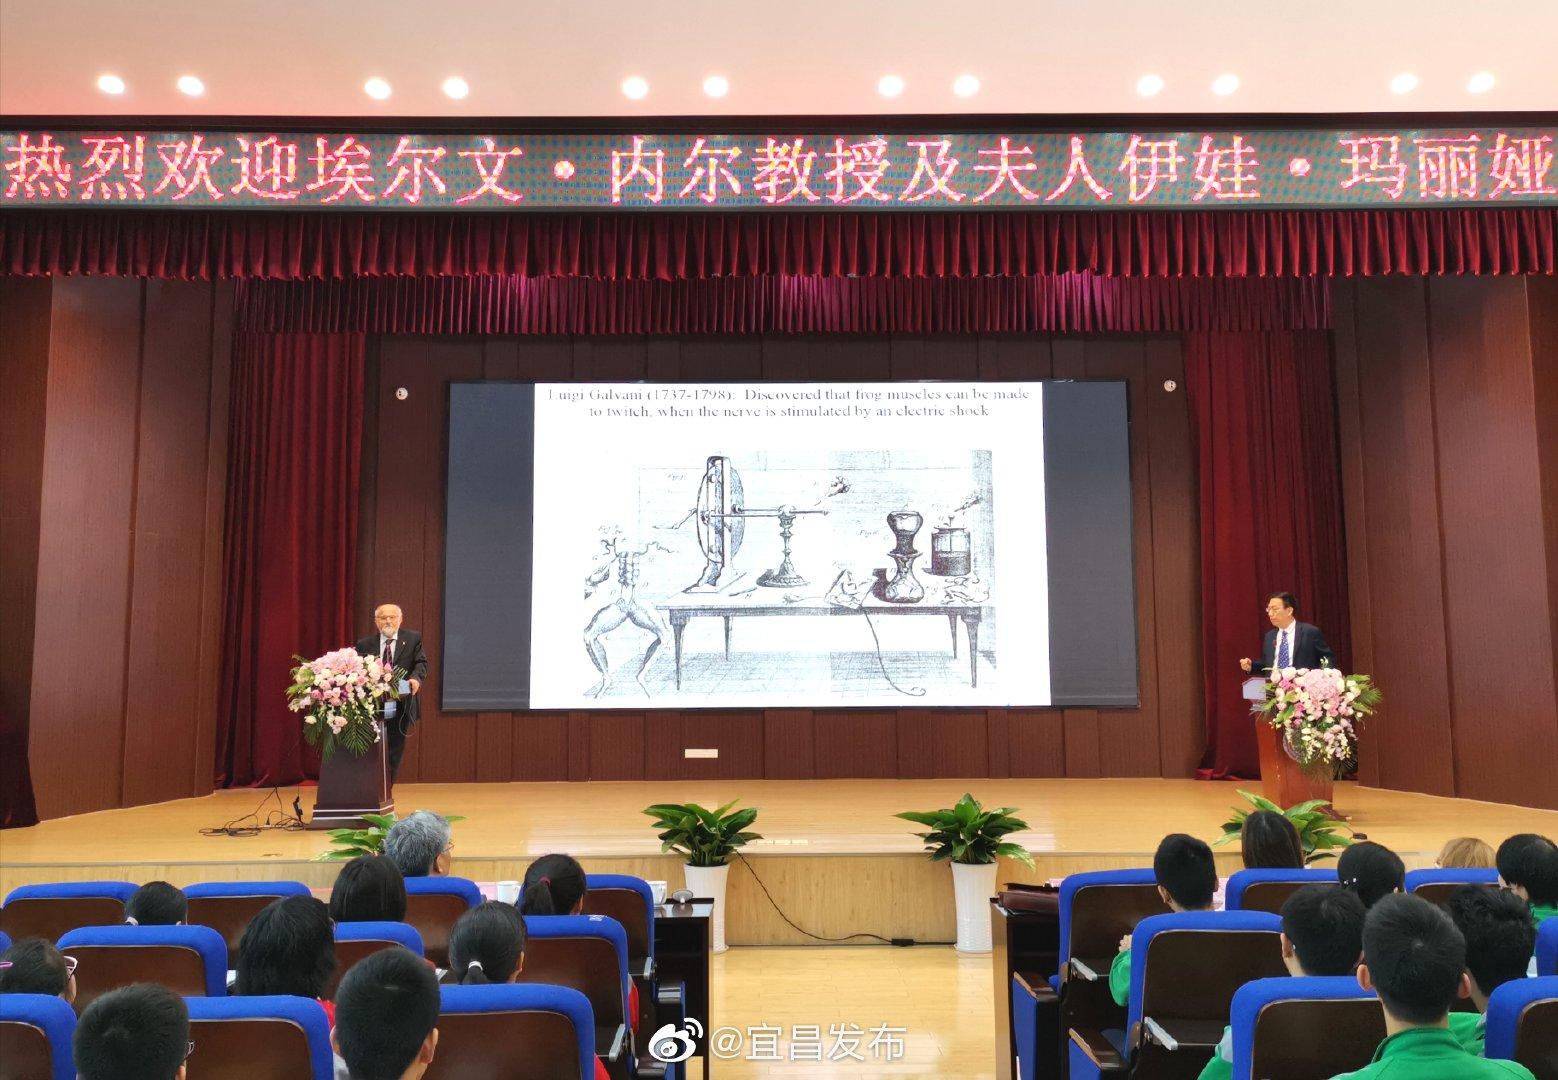 诺贝尔生理学医学奖获得者埃尔文·内尔到访宜昌